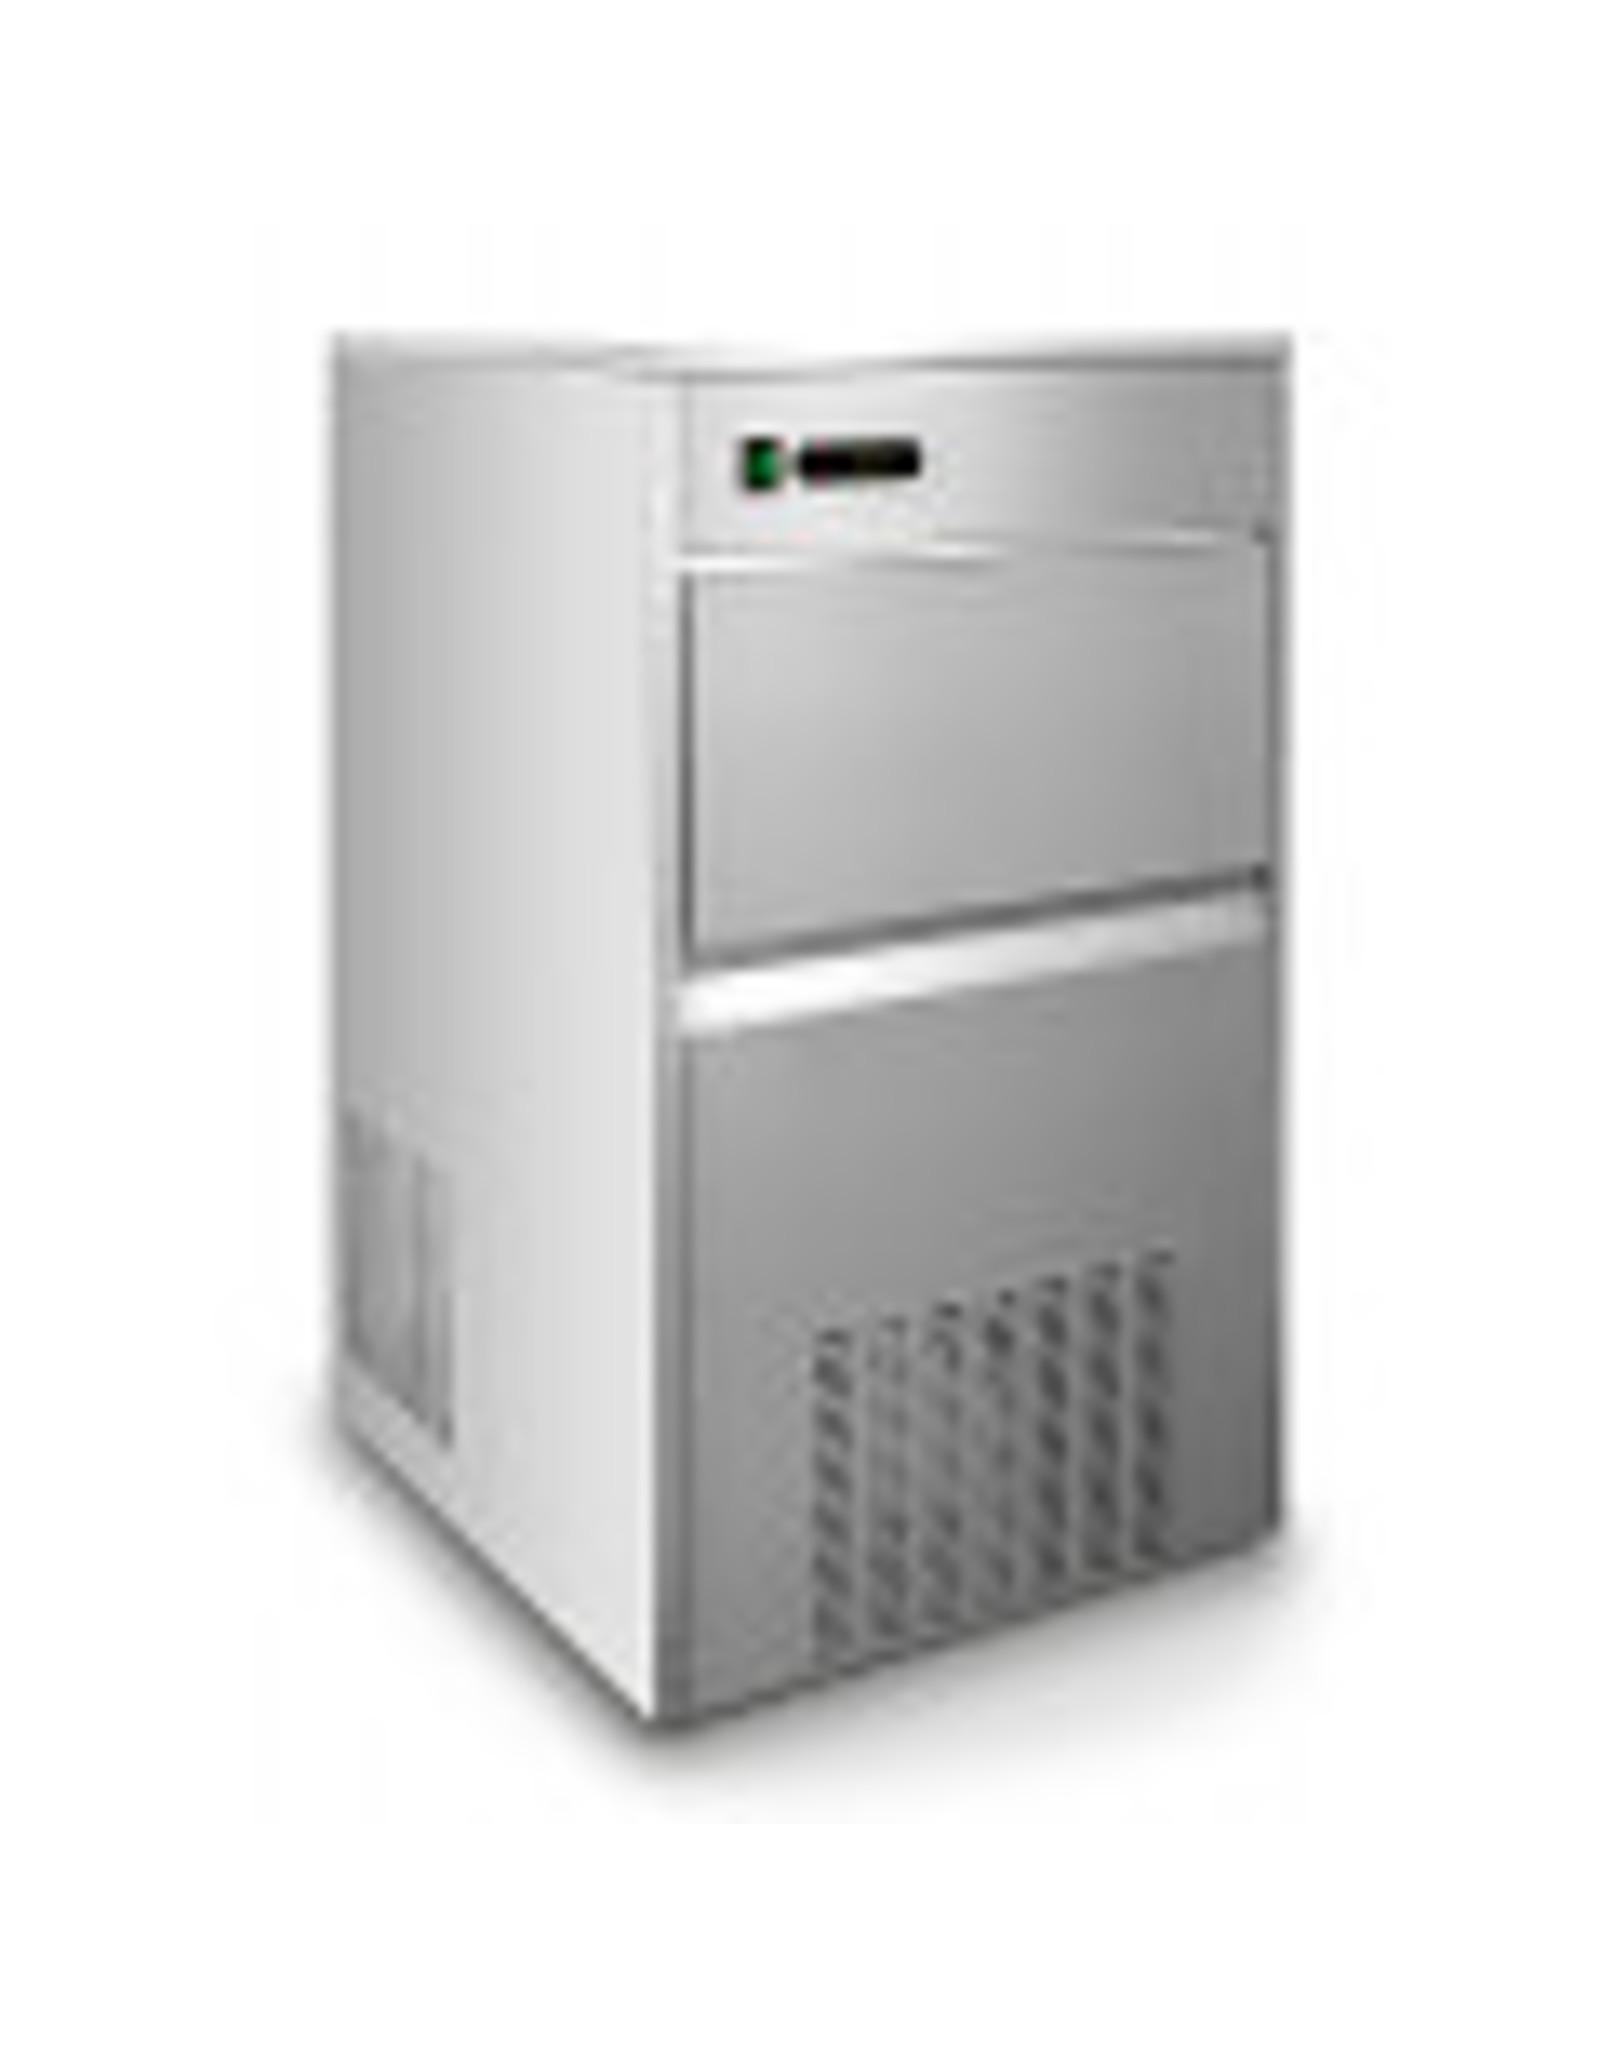 Q-Gastro Q-Gastro IM-120 IJsblokjesmachine 120 kg / 24h 230V (Nieuw)